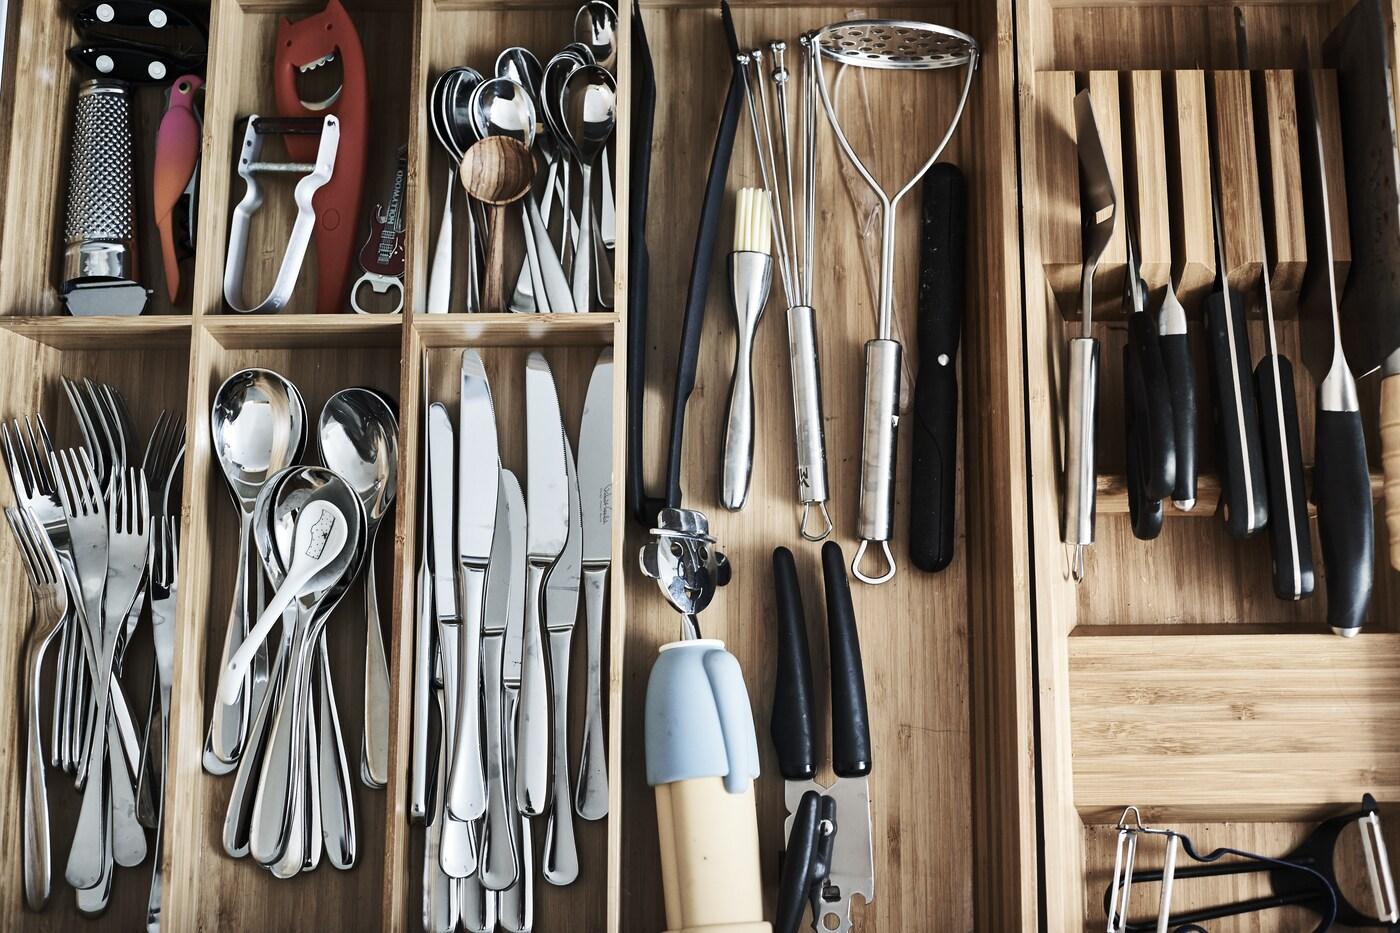 Keukenkastjes inrichten - binnenkijker - tips - IKEA wooninspiratie